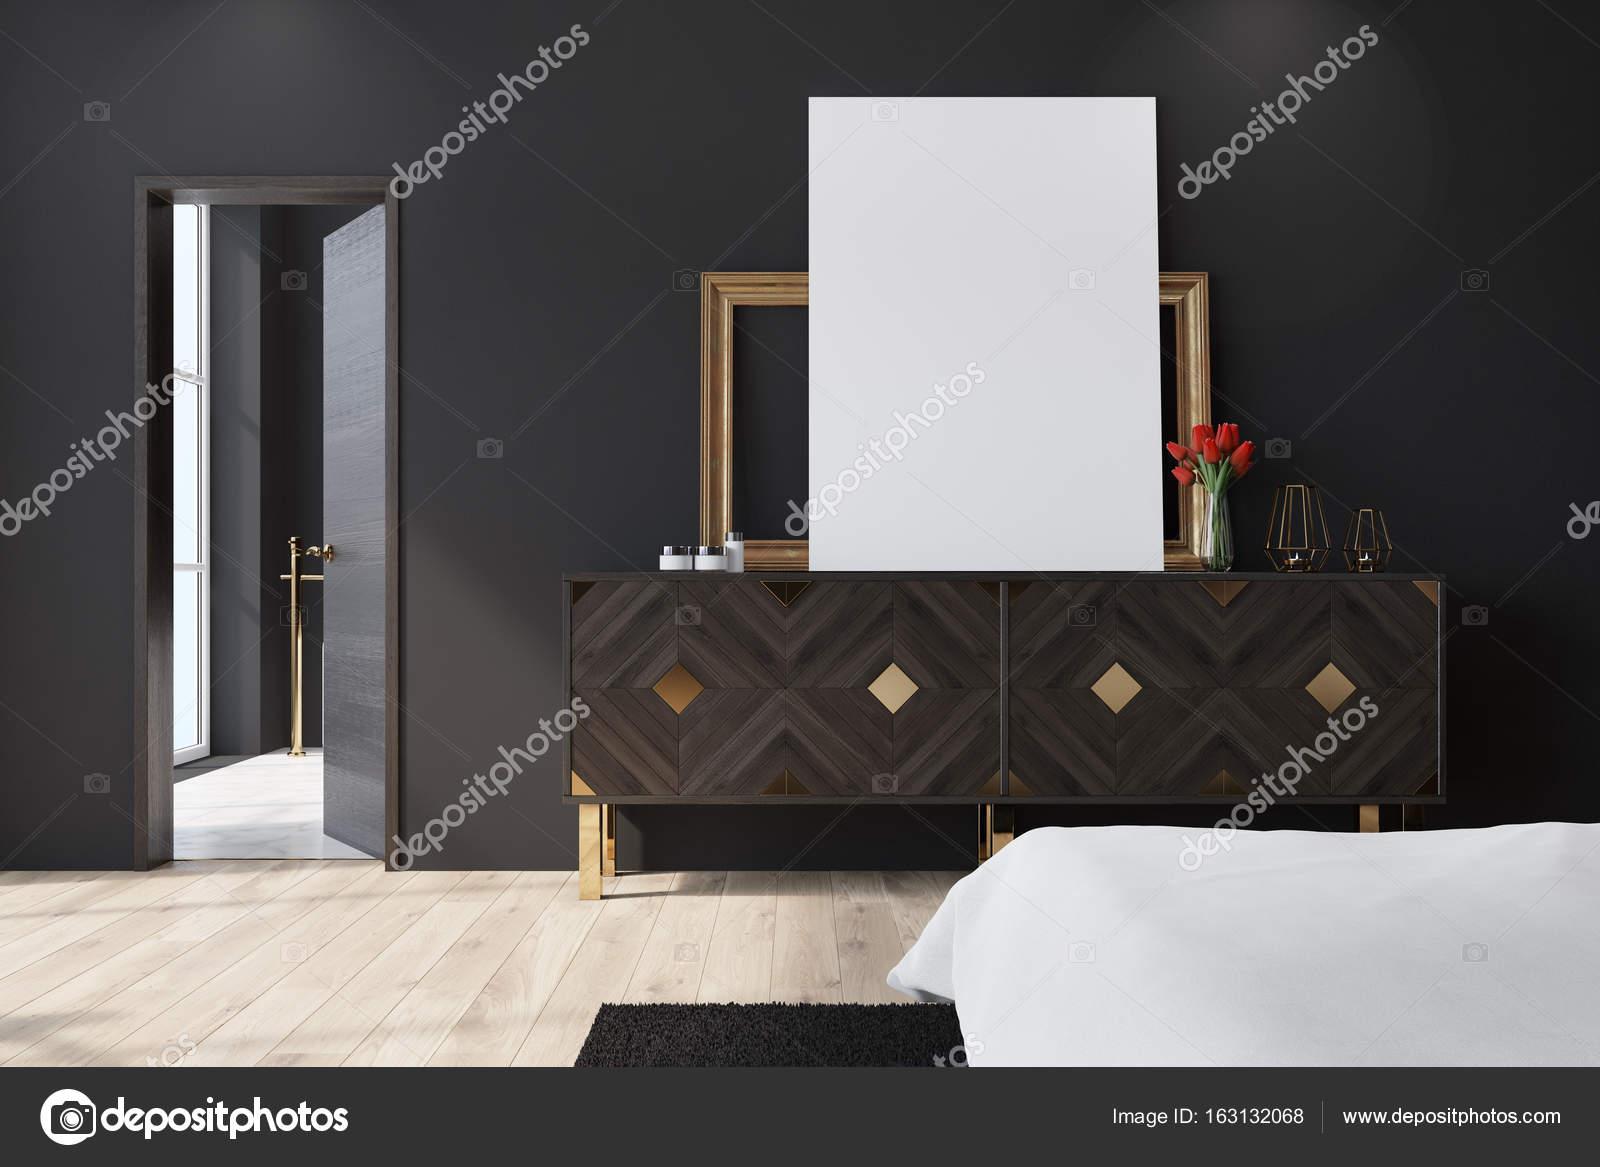 Zwarte Slaapkamer Kast.Zwarte Slaapkamer Met Een Kast Poster Stockfoto C Denisismagilov